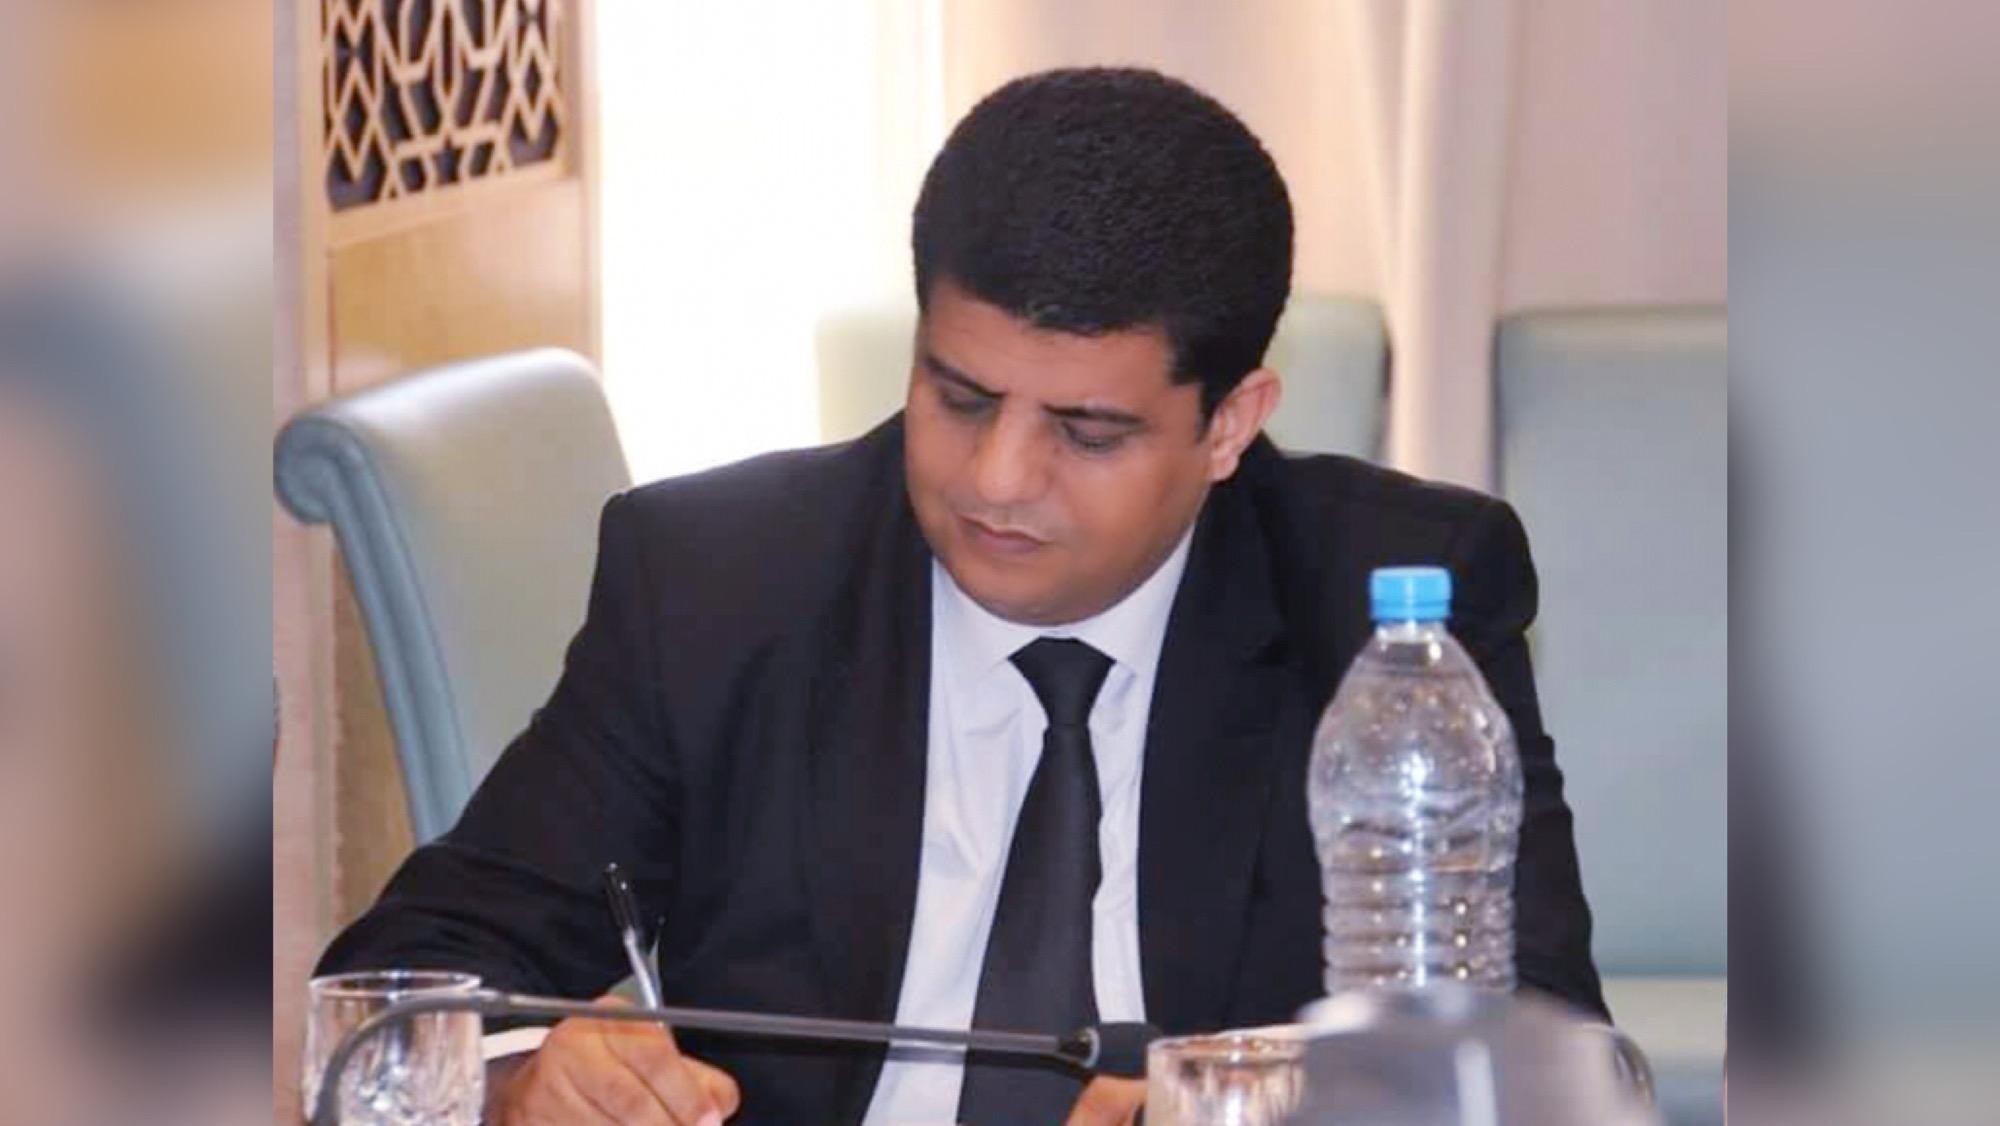 صورة نائب برلماني ورئيس جماعة يجر مدونا إلى القضاء بإيموزار